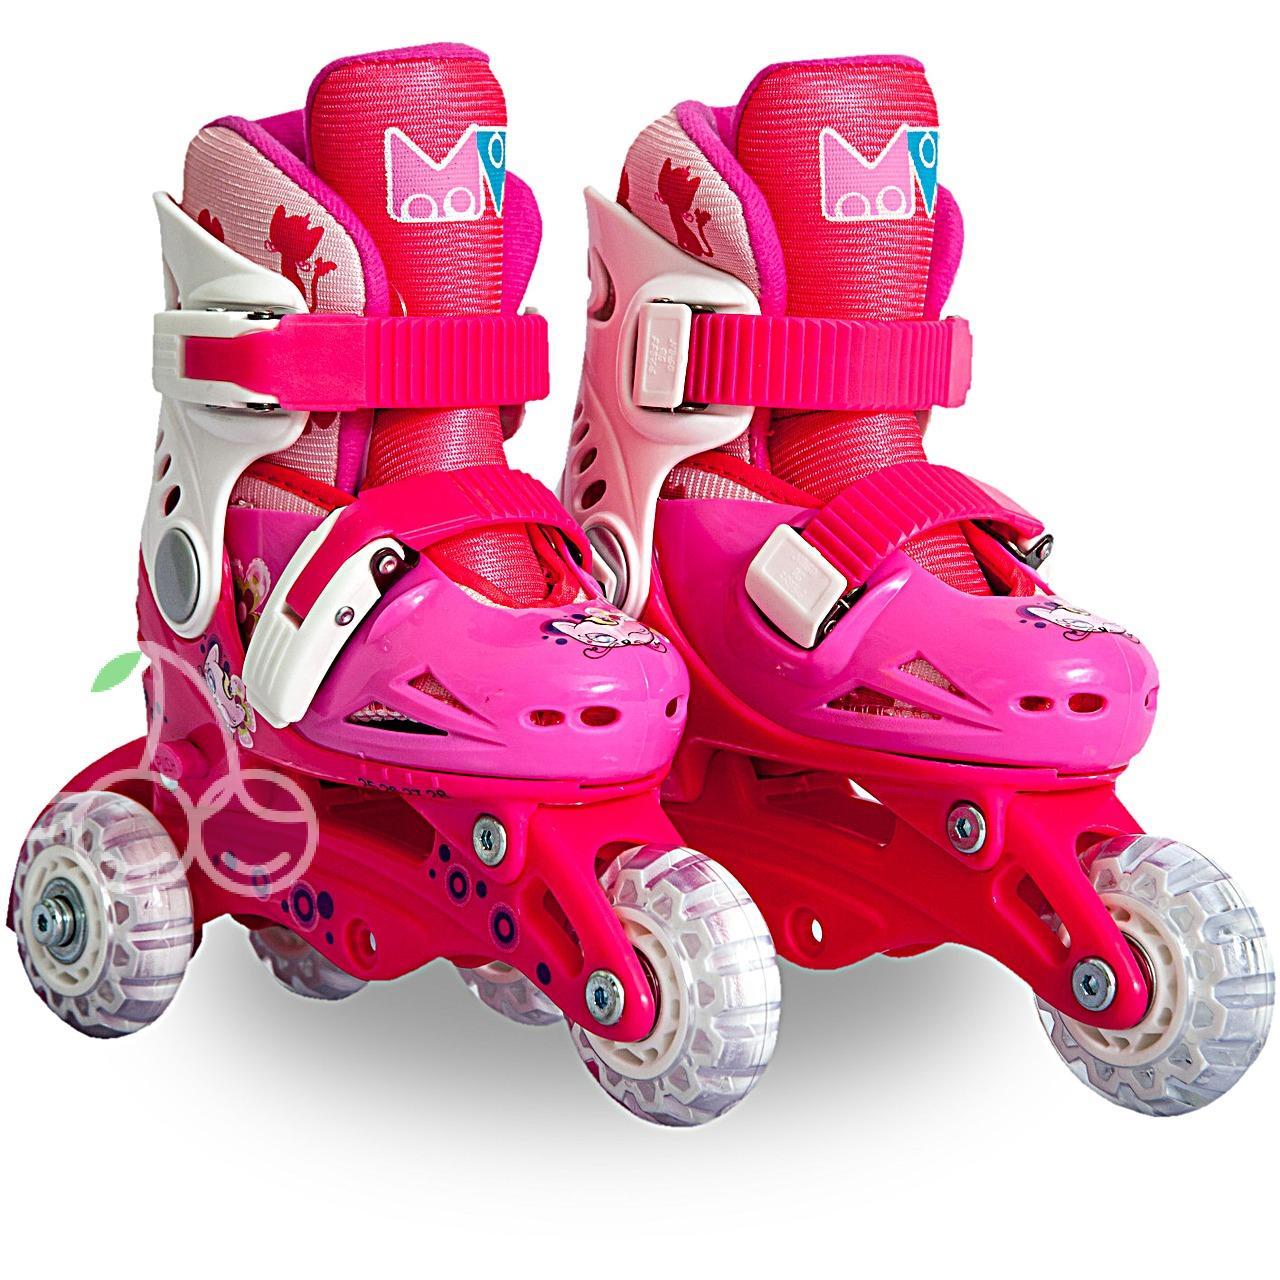 Роликовые коньки детские 26 размер, для обучения (трансформеры, раздвижной ботинок) MagicWheels розовые, - фото 1